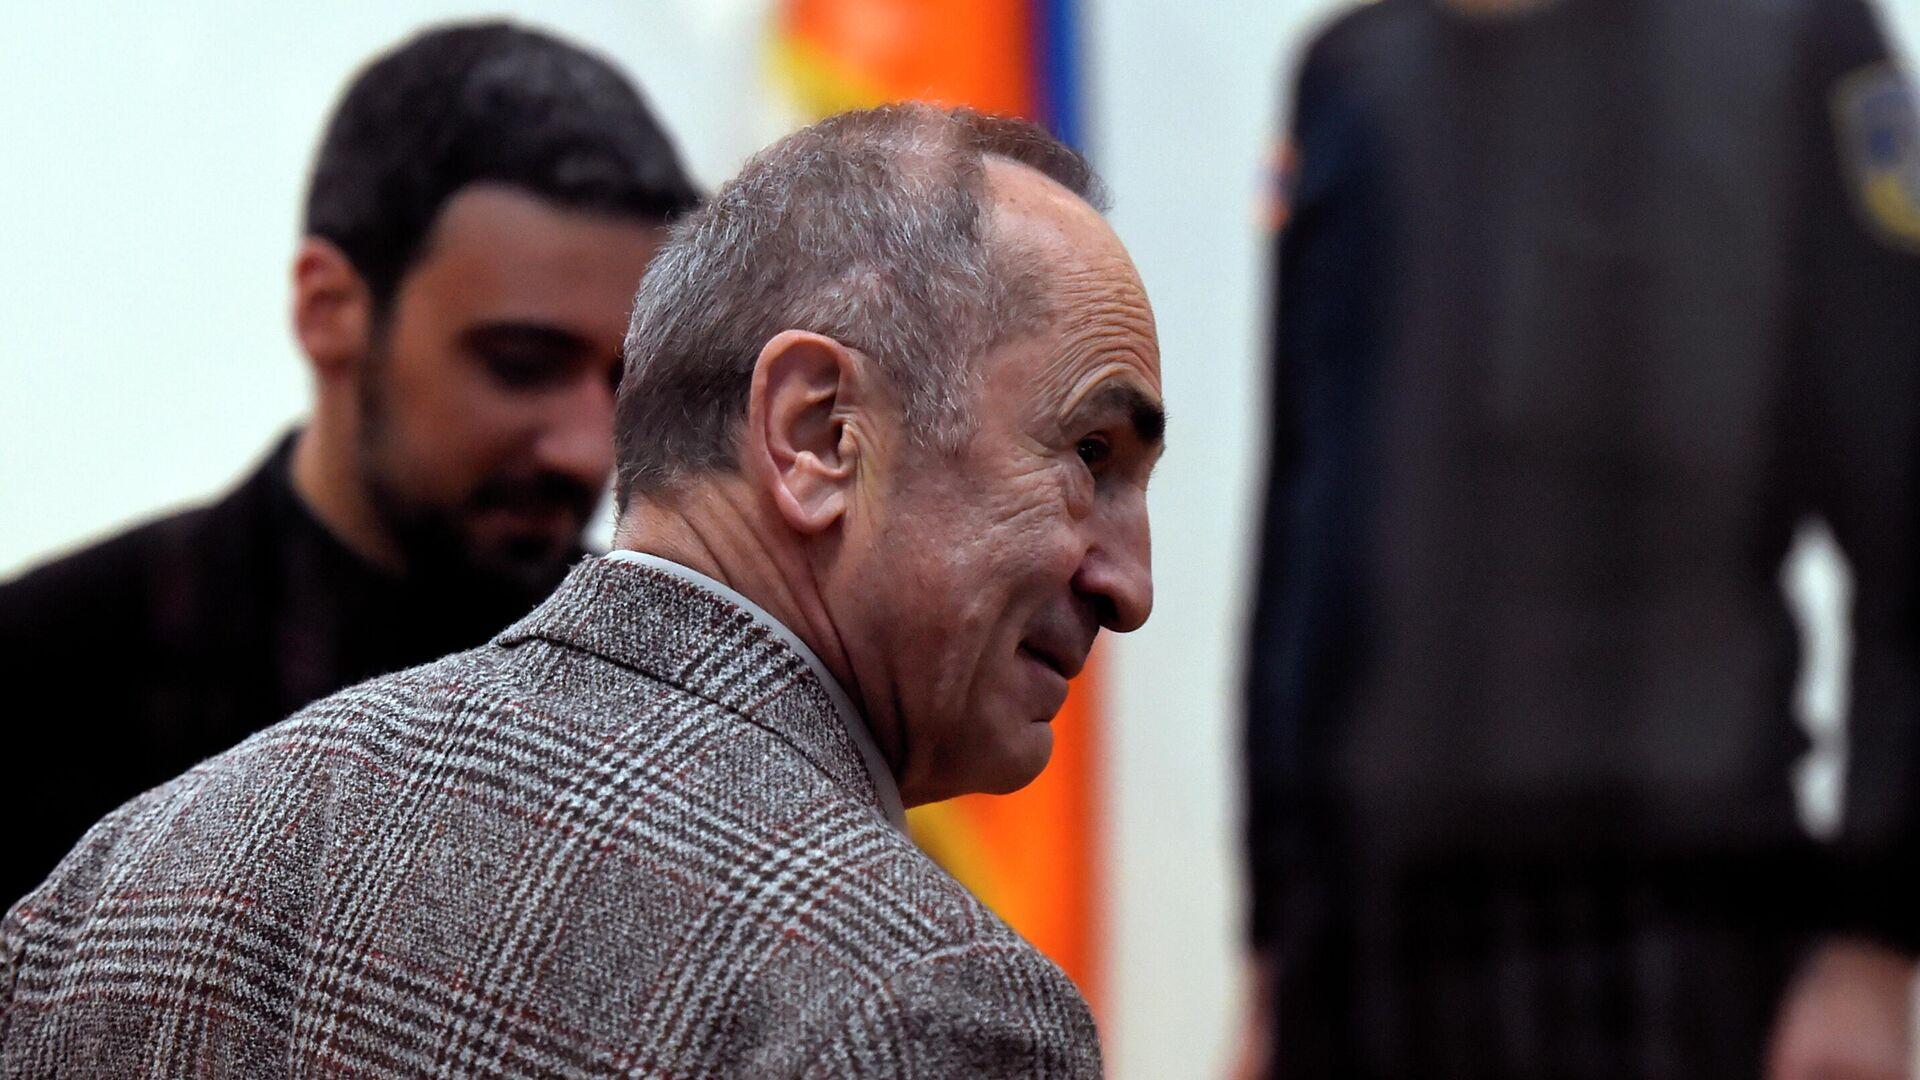 Экс-президент Армении Роберт Кочарян в суде общей юрисдикции Шенгавитского района в Ереване - РИА Новости, 1920, 09.05.2021